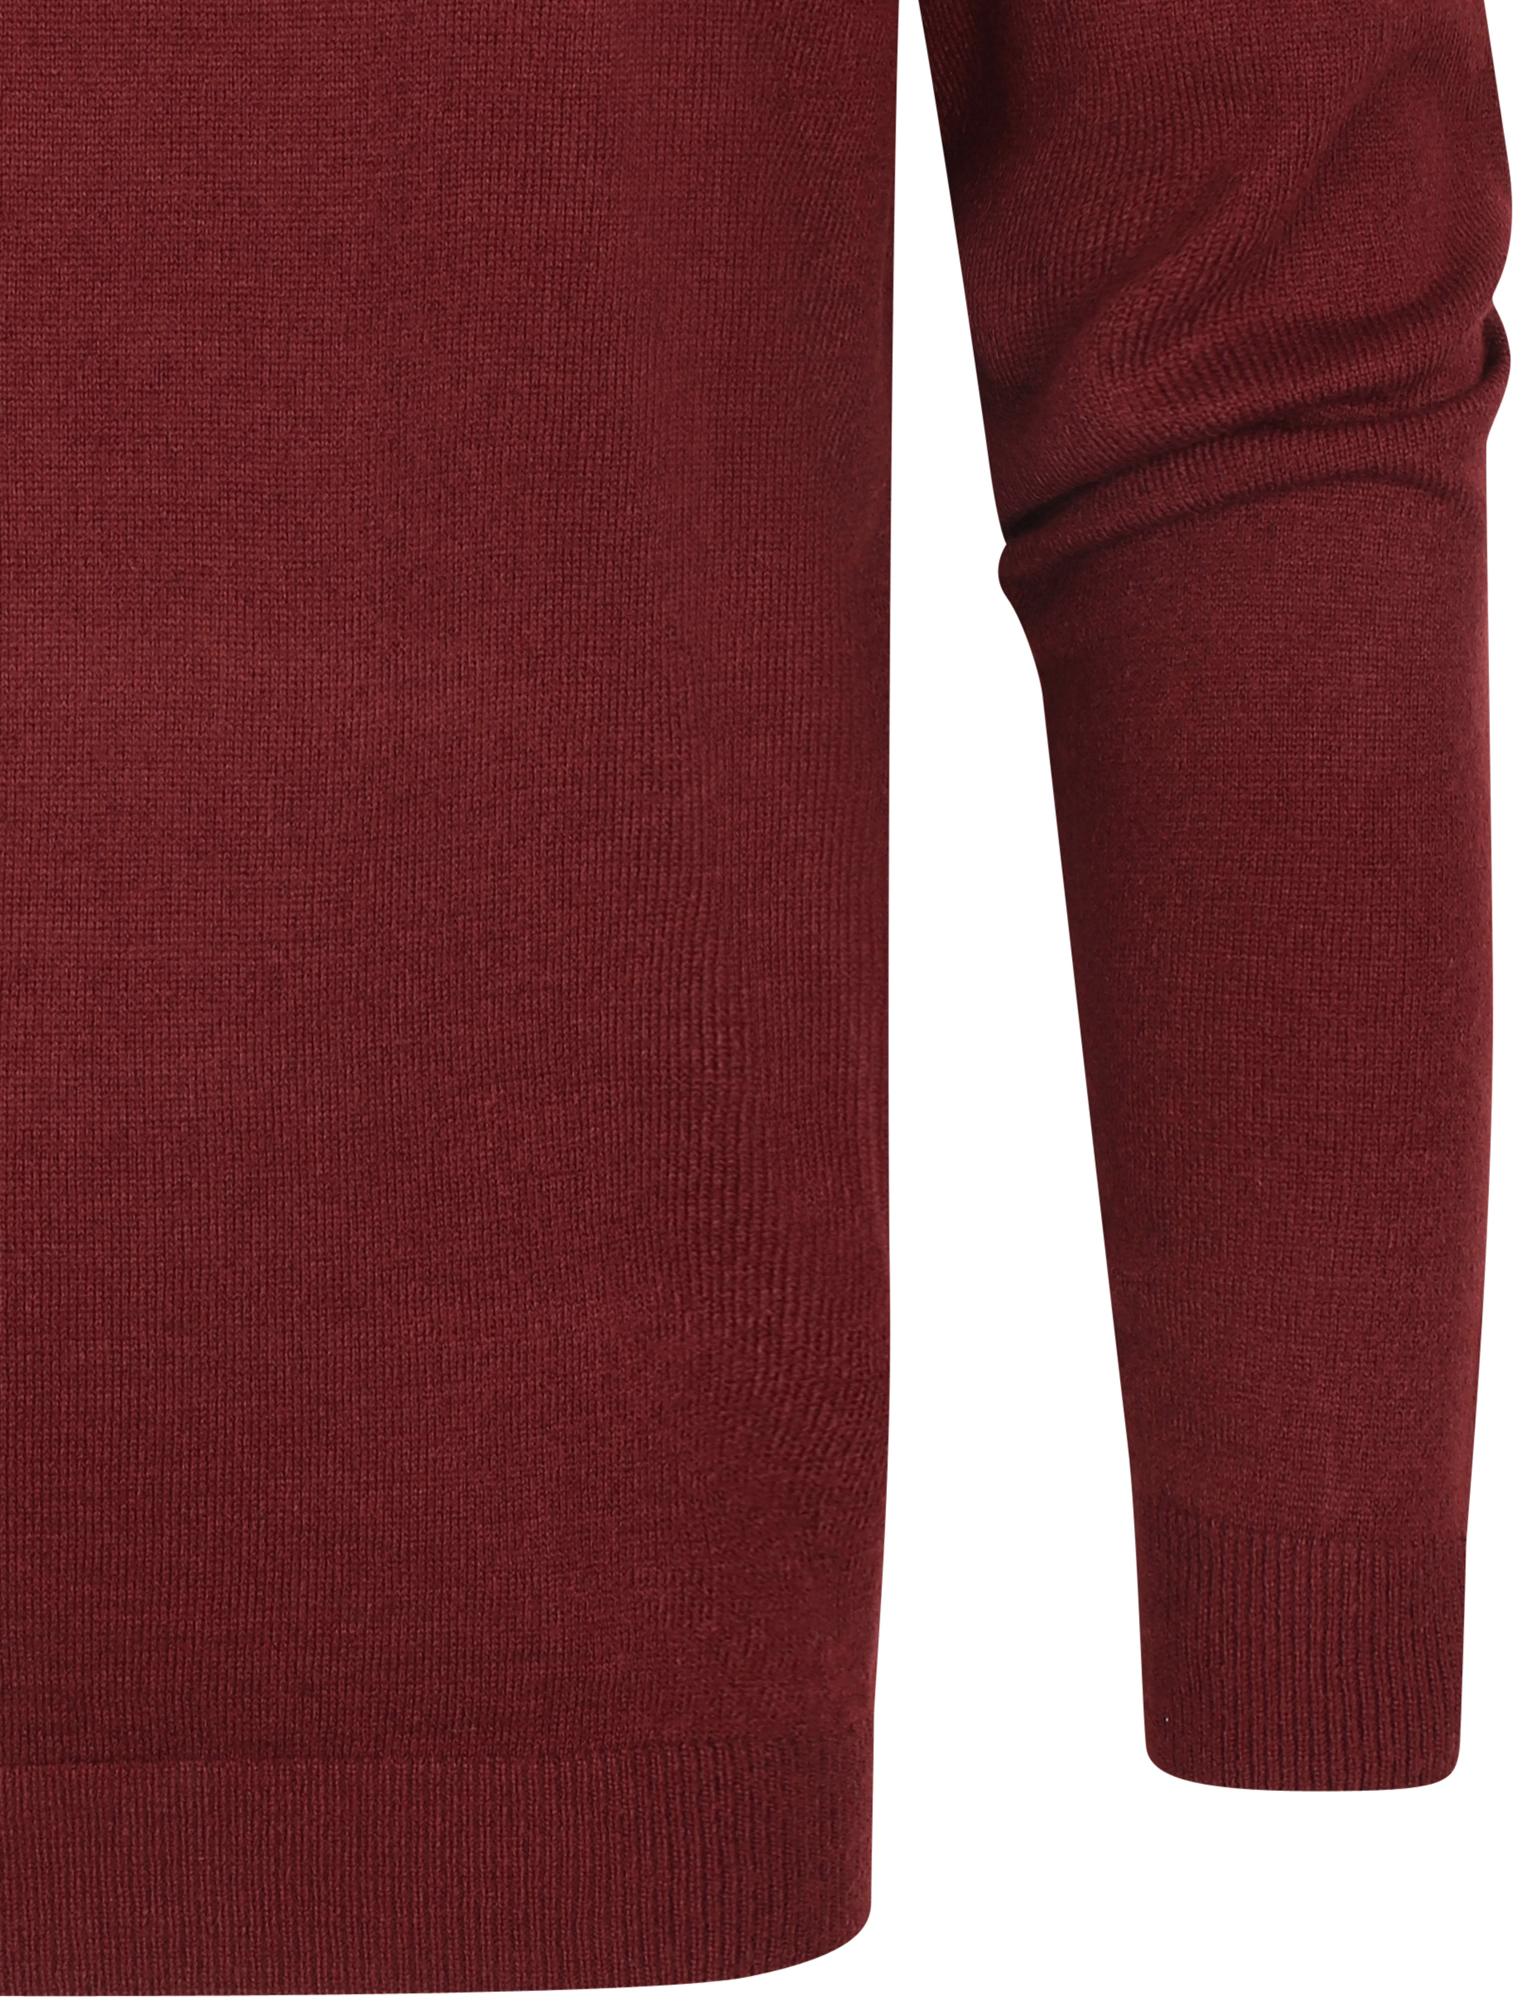 Kensington-Eastside-Men-039-s-Wool-Blend-Knitted-Crew-or-V-Neck-Jumper-Sweater-Top thumbnail 17